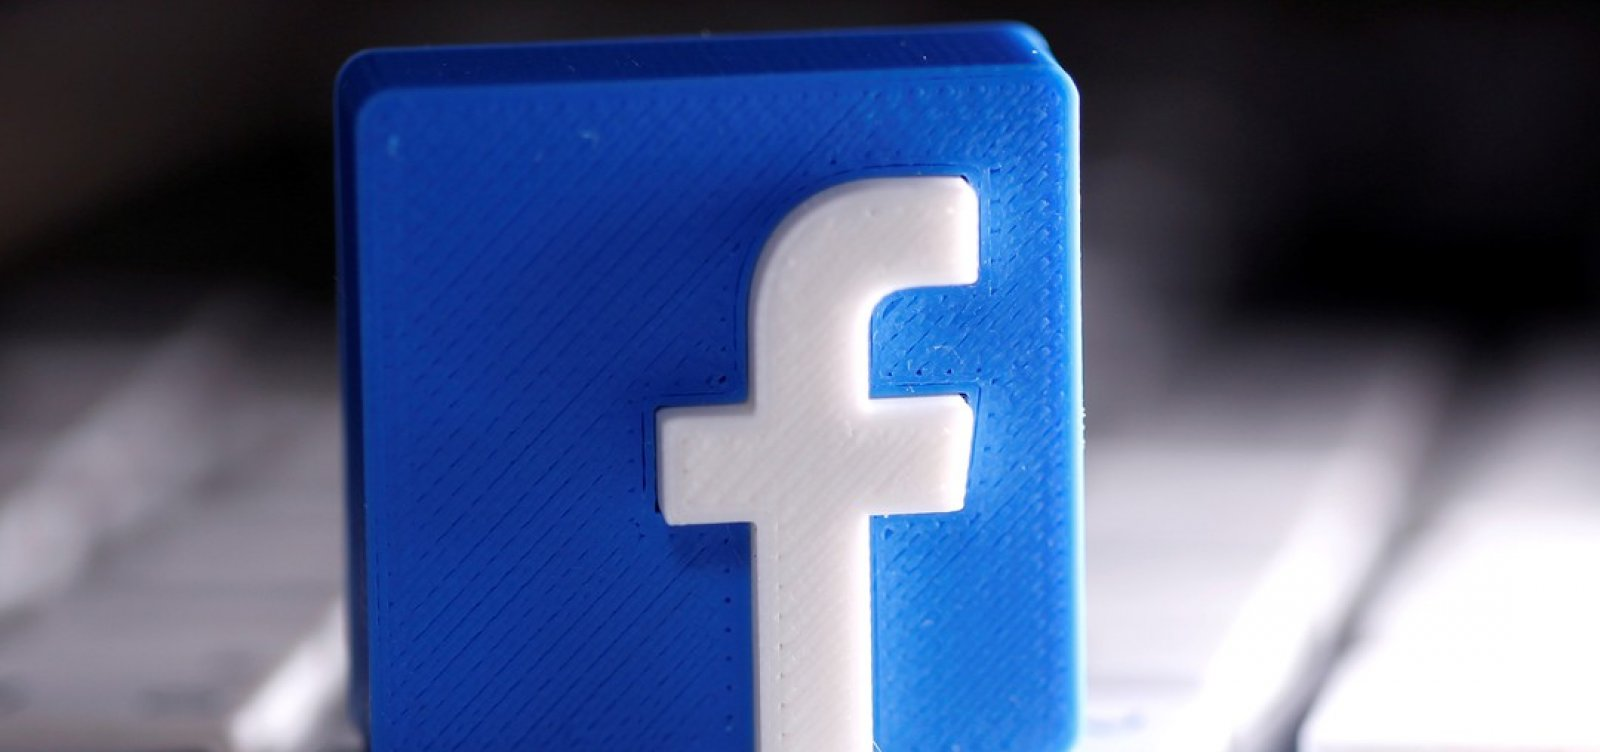 Ações do Facebook despencam na Bolsa de Valores após sistema sair do ar